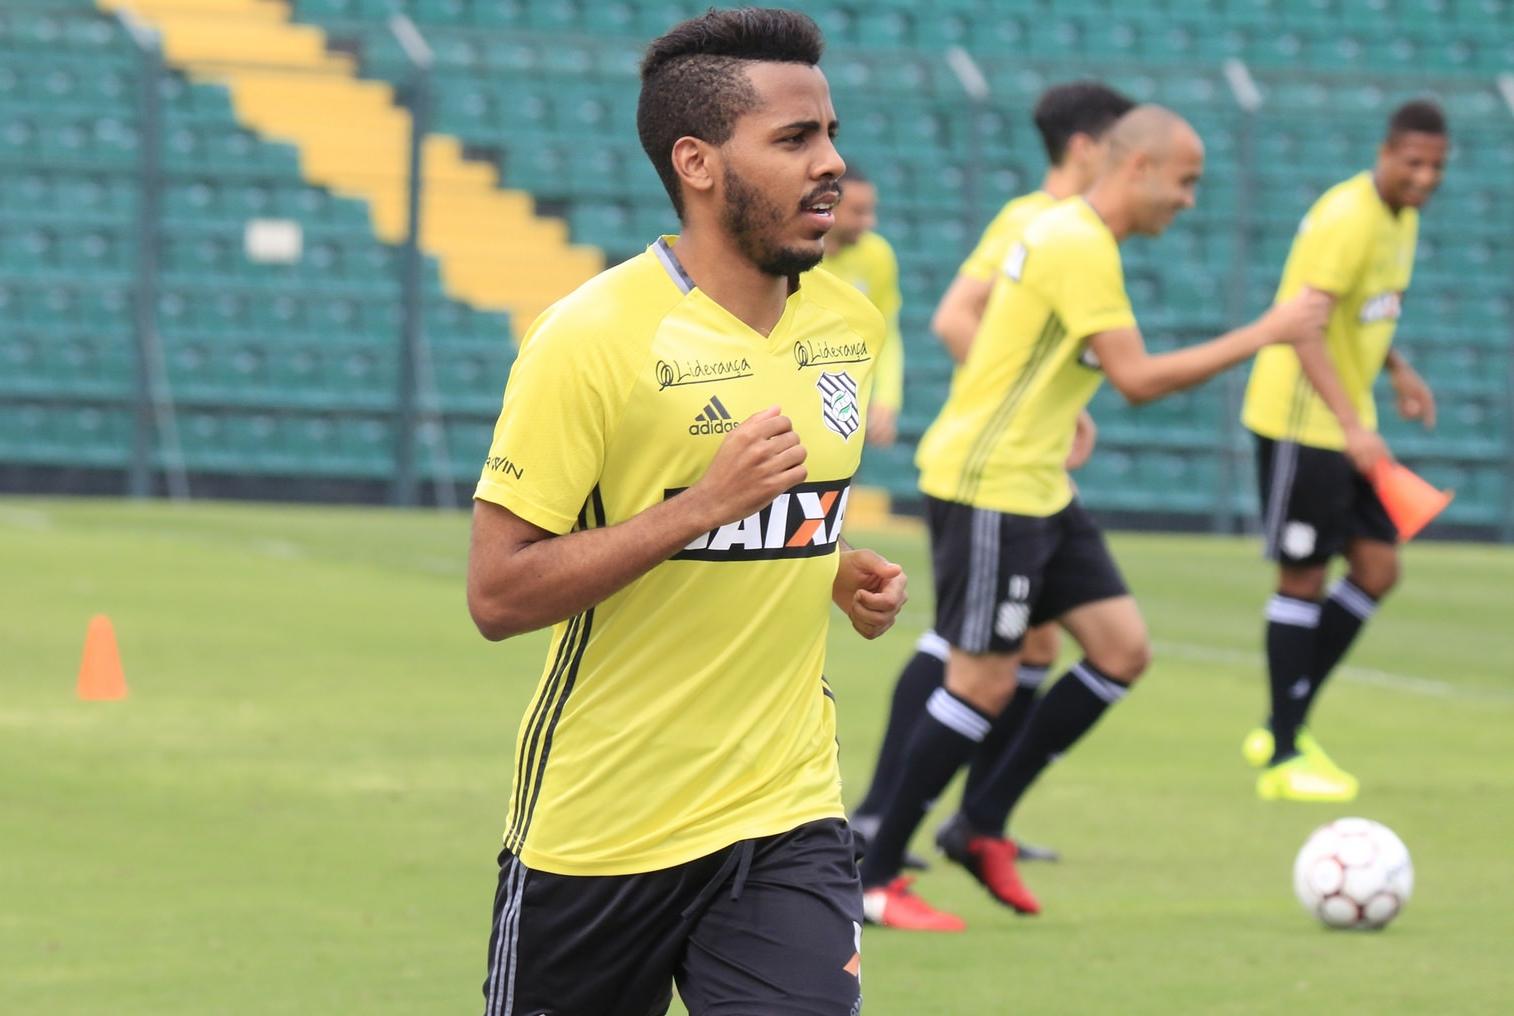 Ty Sandows já iniciou os trabalhos físicos no Scarpelli - Luiz Henrique/Figueirense FC